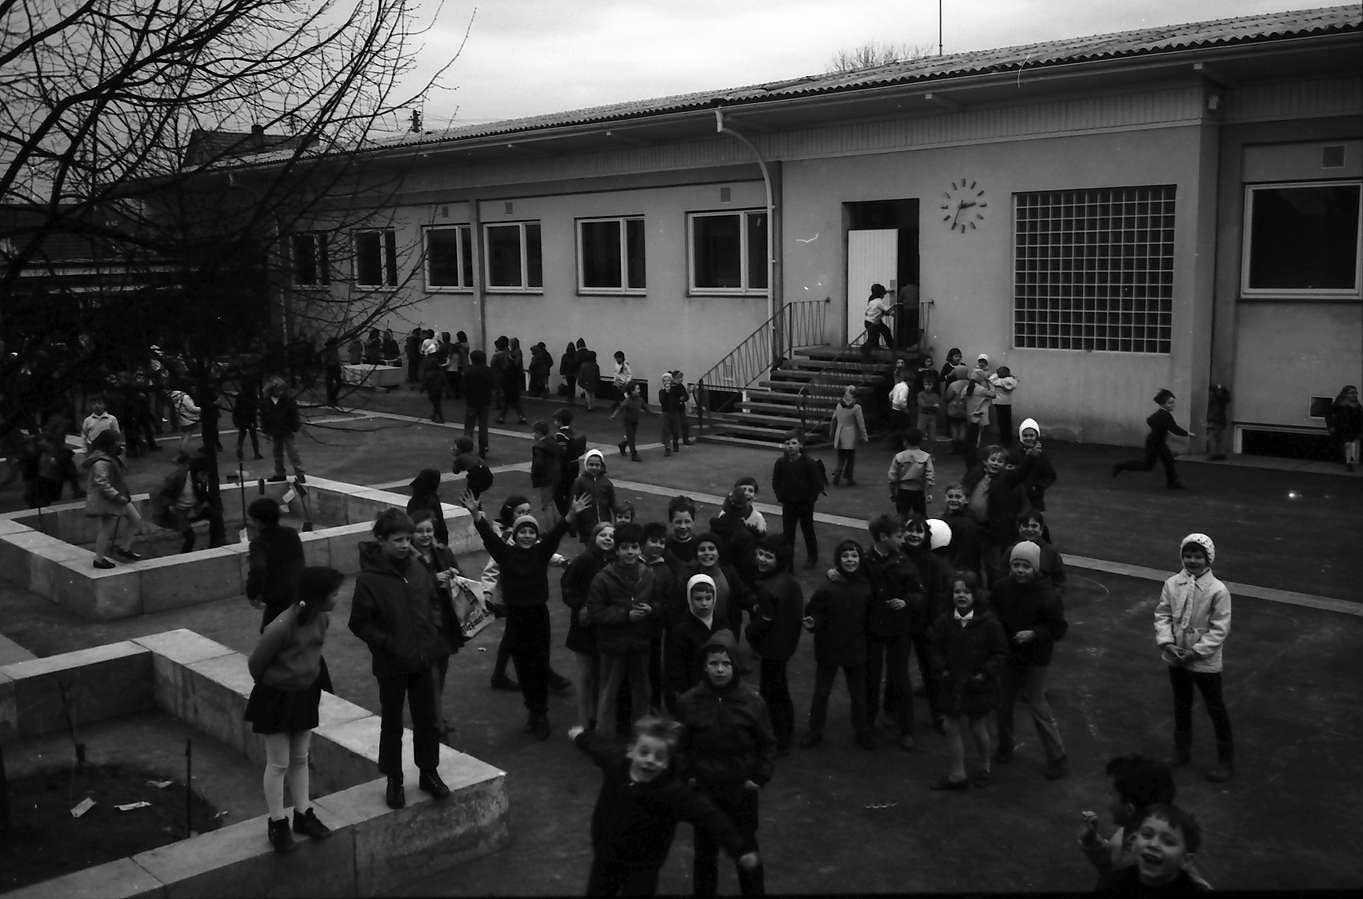 Denzlingen: Grundschule; Pause im Schulhof, Bild 1